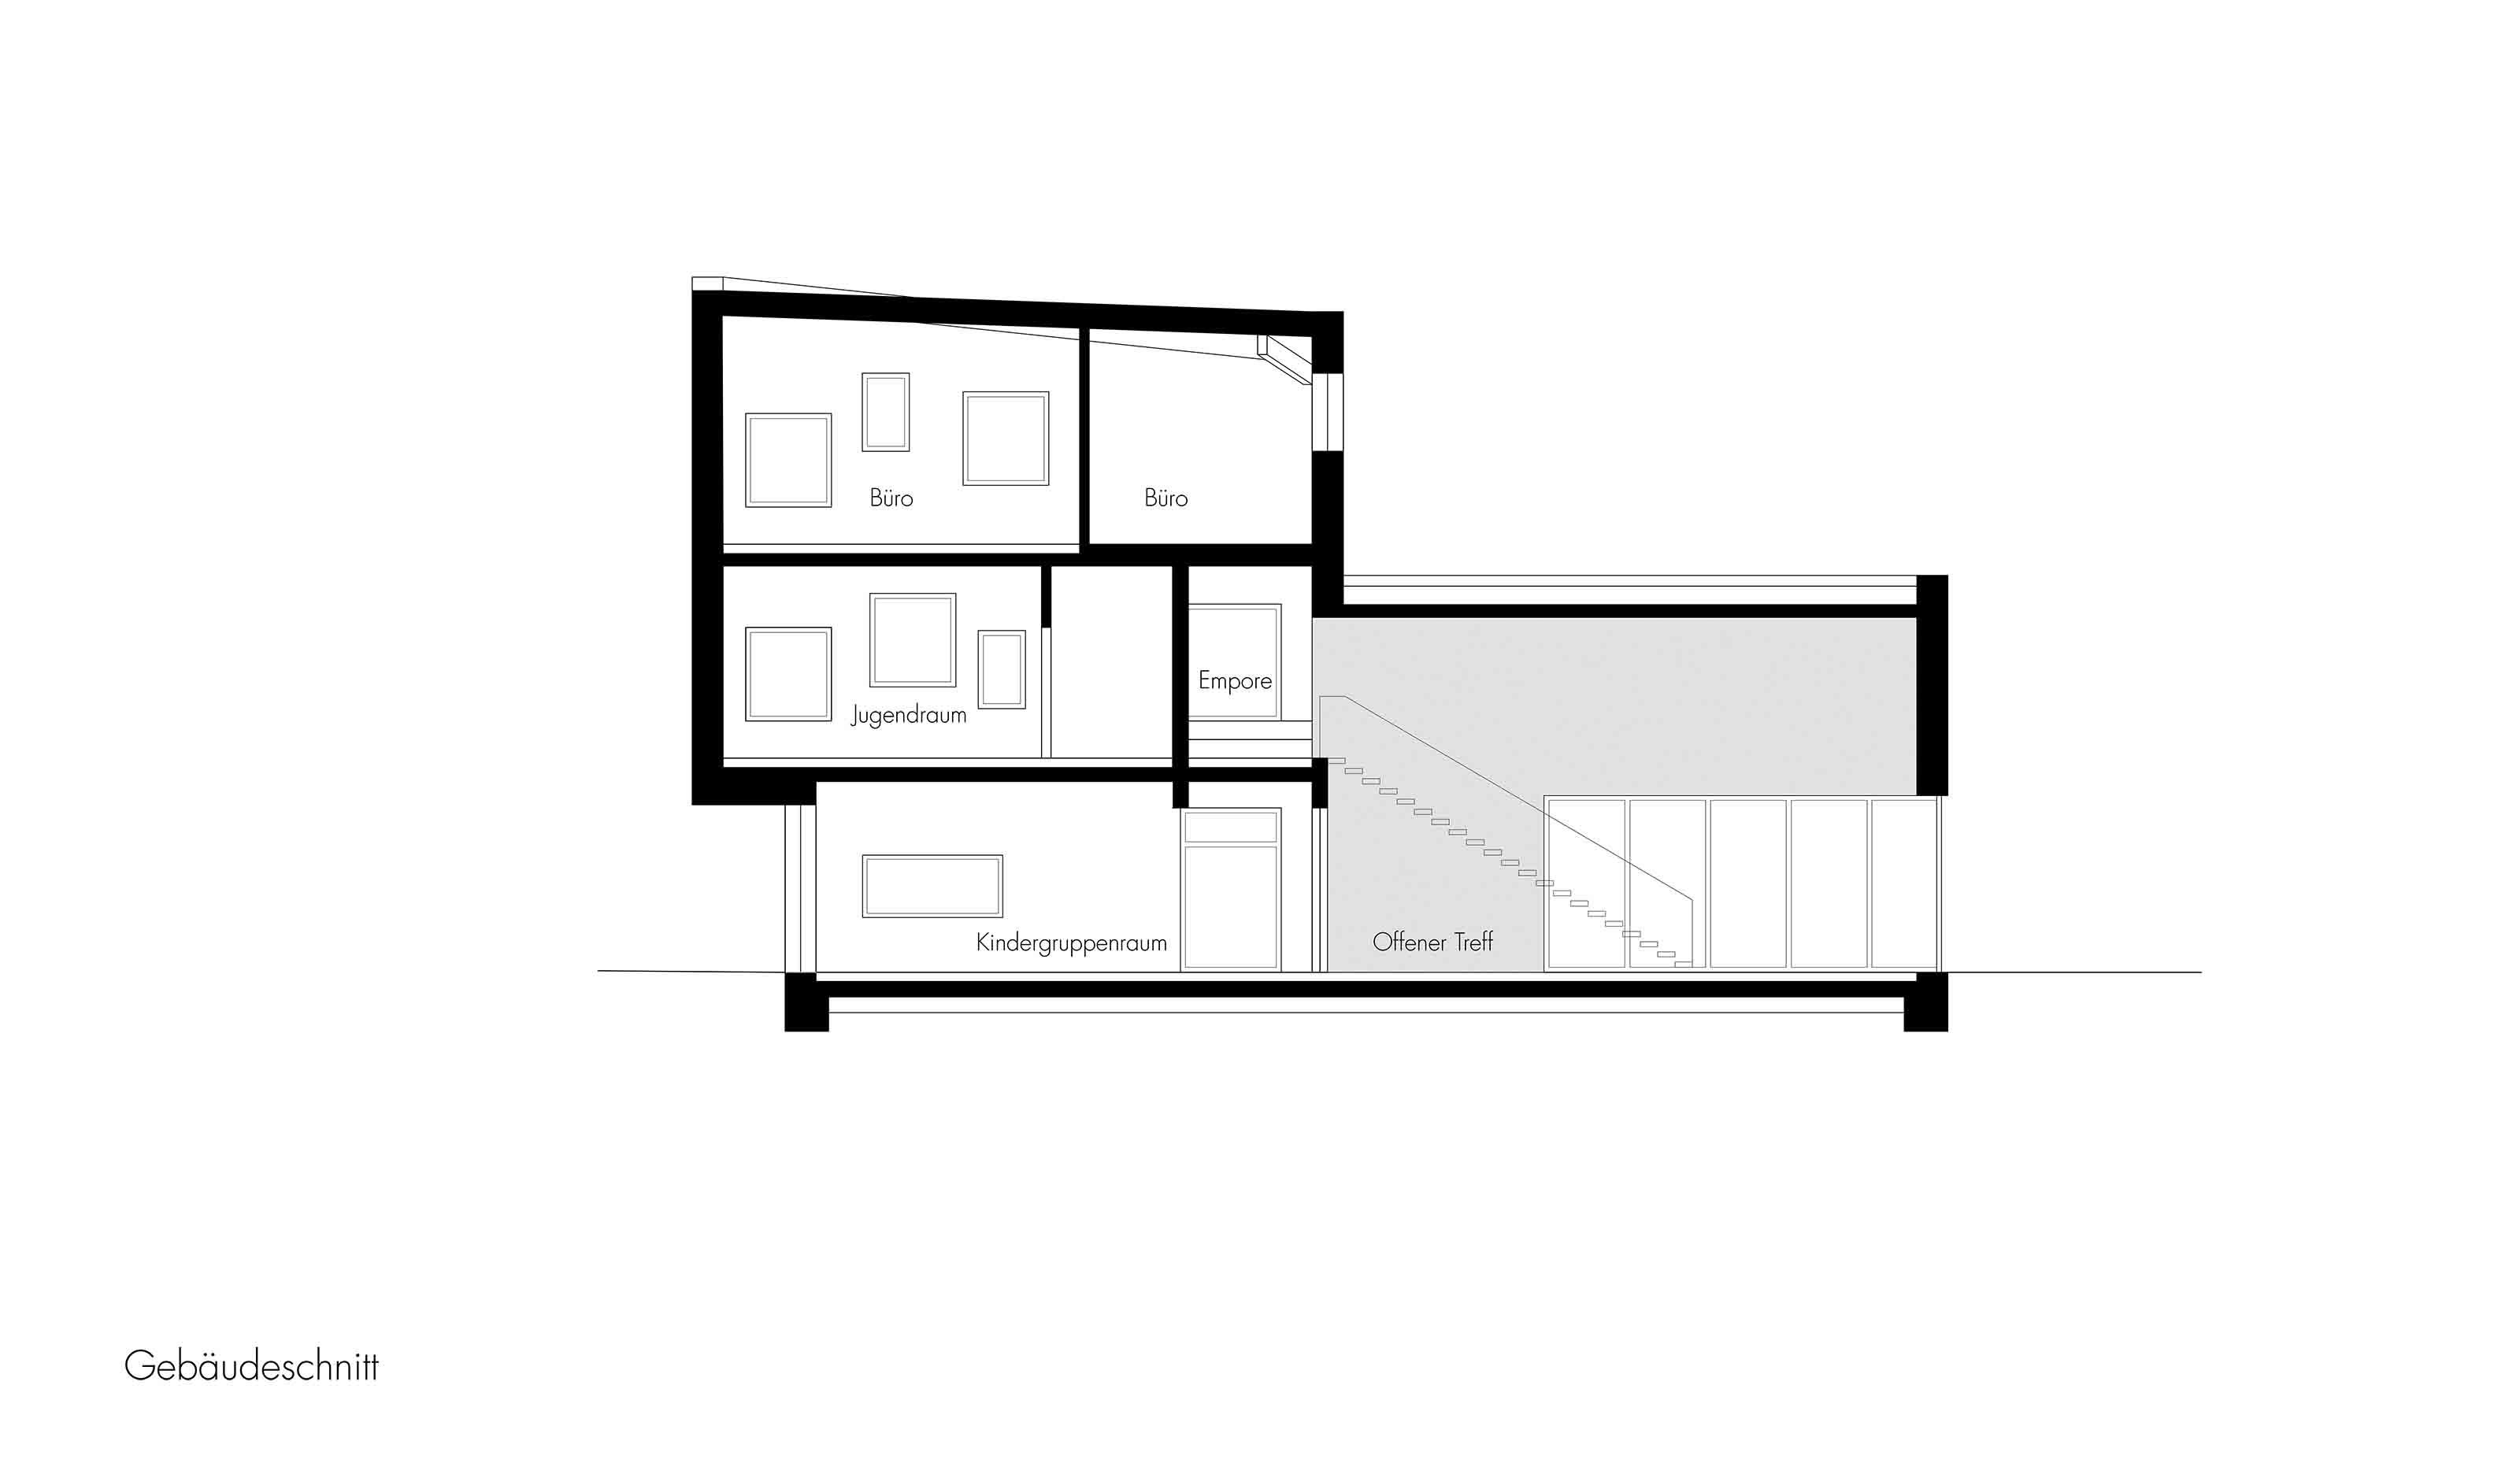 Gebäudeschnitt-Neubau-eines-Stadtteilzentrums